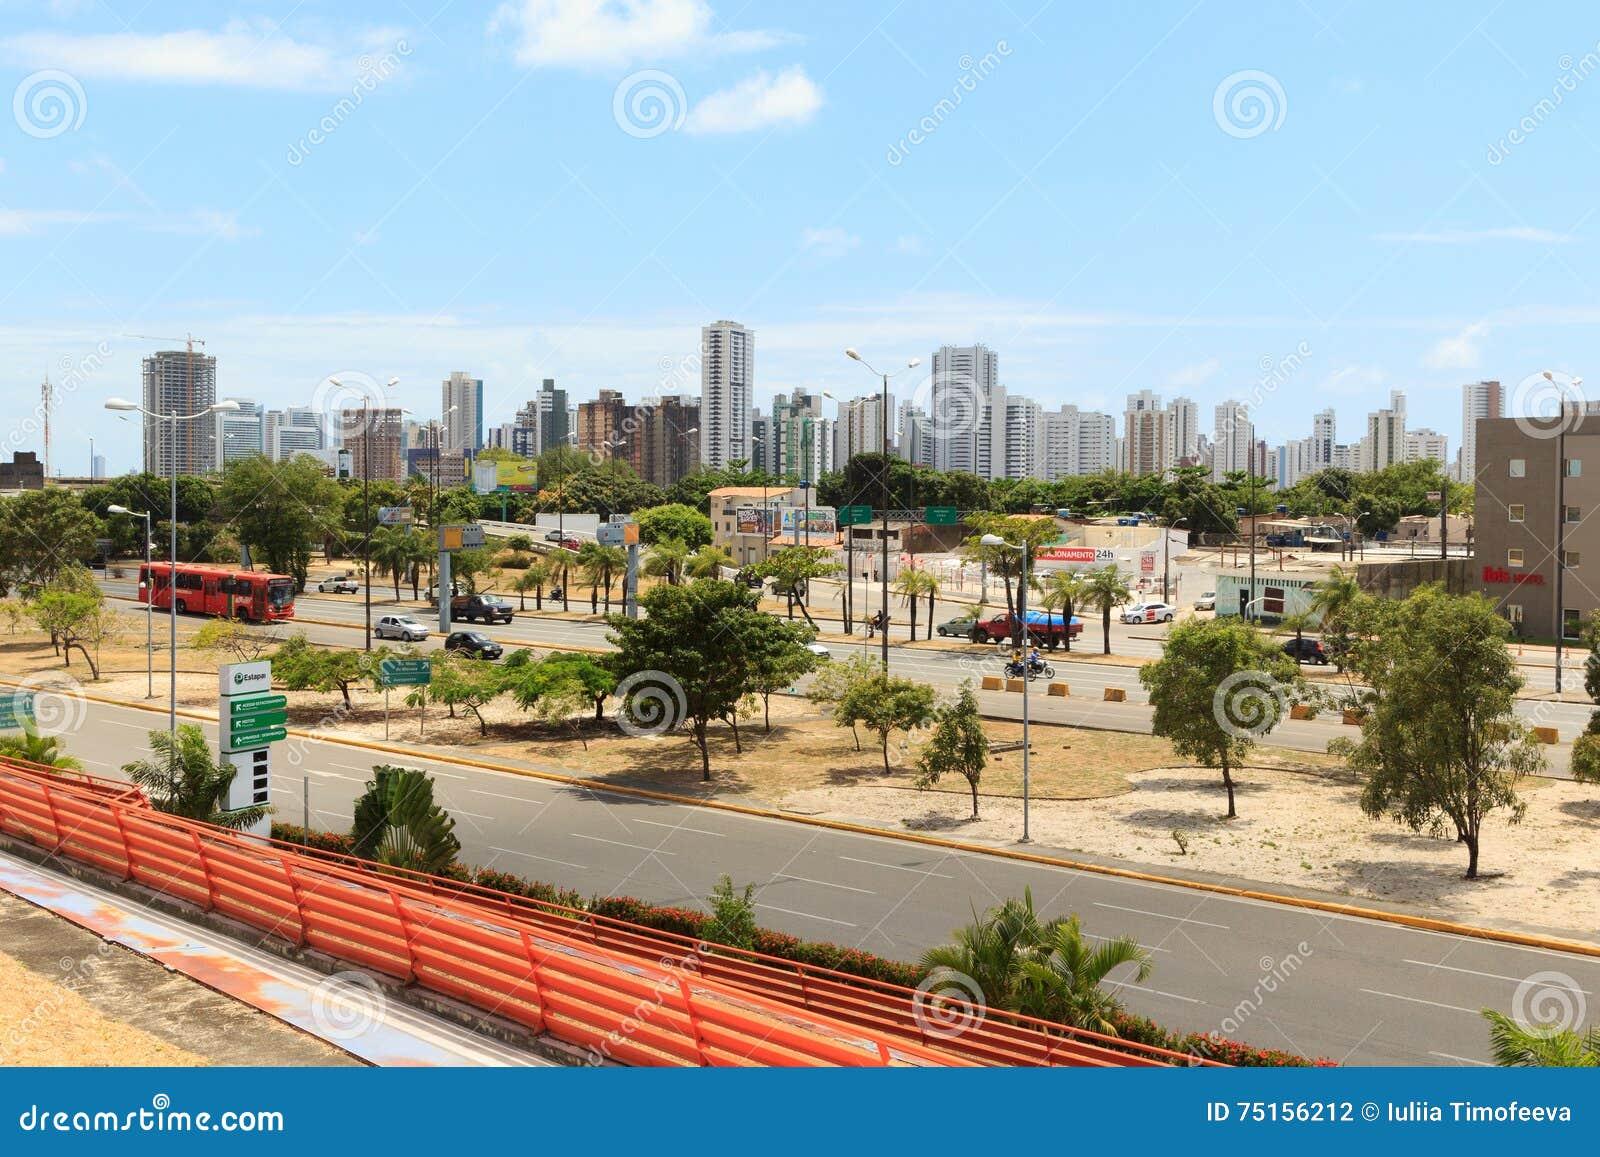 Panorama van gebouwen, hotels in Recife, Brazilië